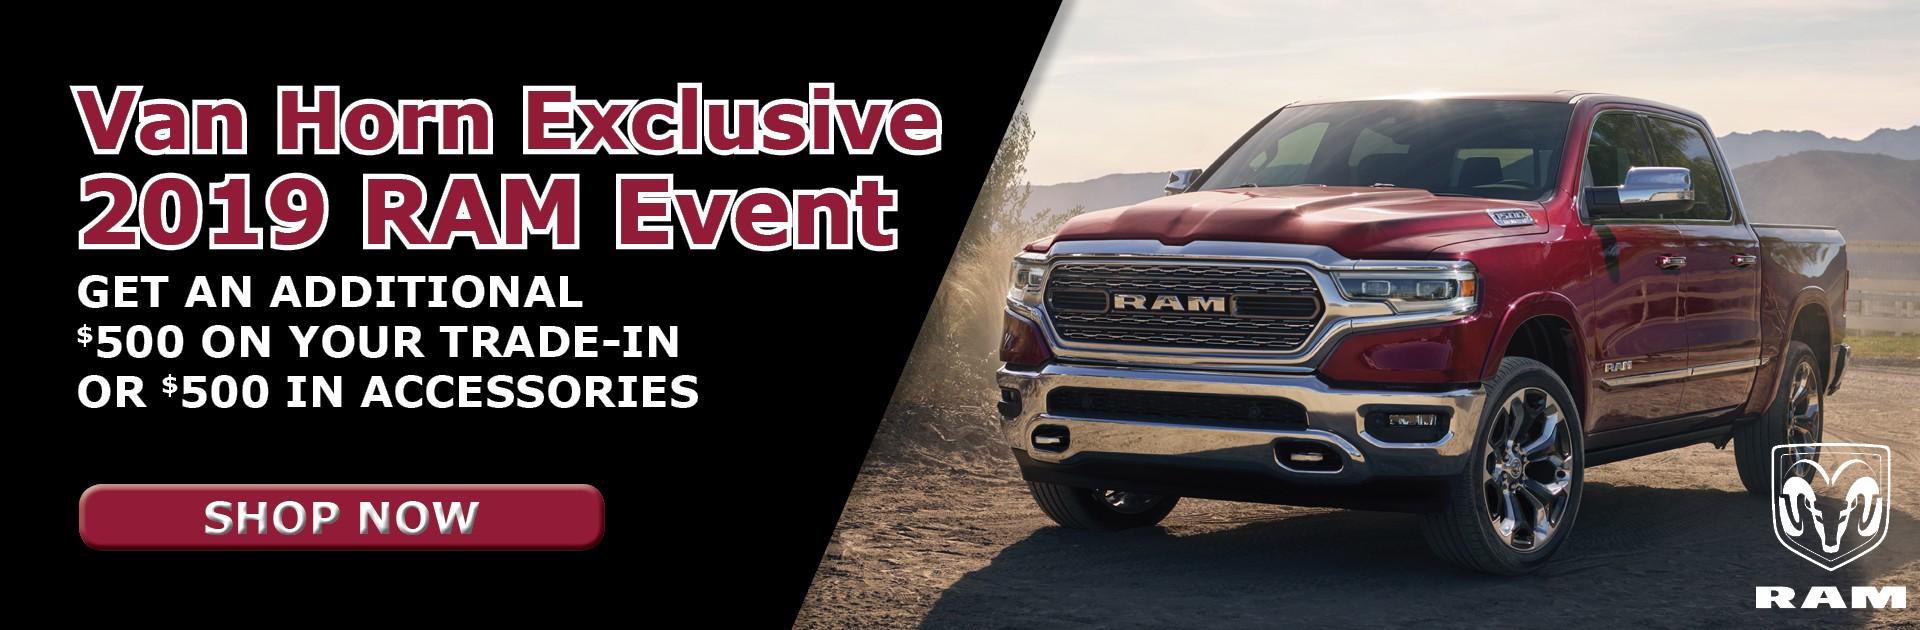 Van Horn Exclusive - 2019 Ram Event